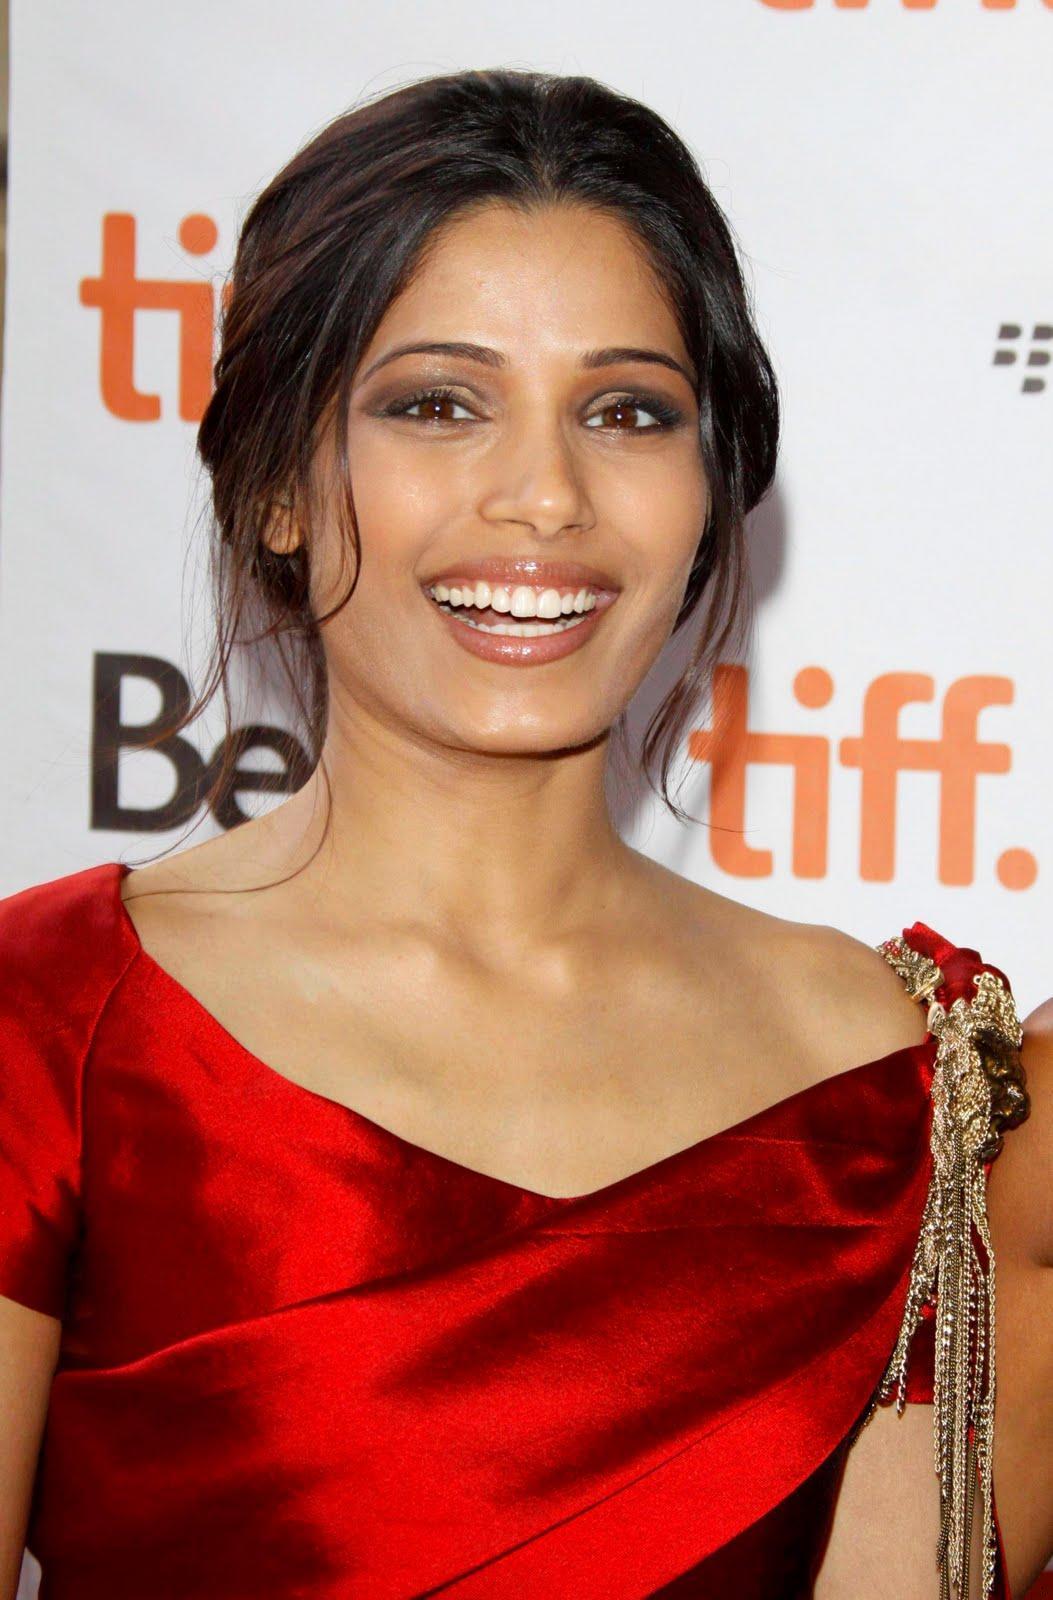 http://4.bp.blogspot.com/-4BErU5joQKA/TyBkYNbNoUI/AAAAAAAANyo/6GFE2CeOItY/s1600/Freida_Pinto_hd_wallpapers_red_dress.jpg